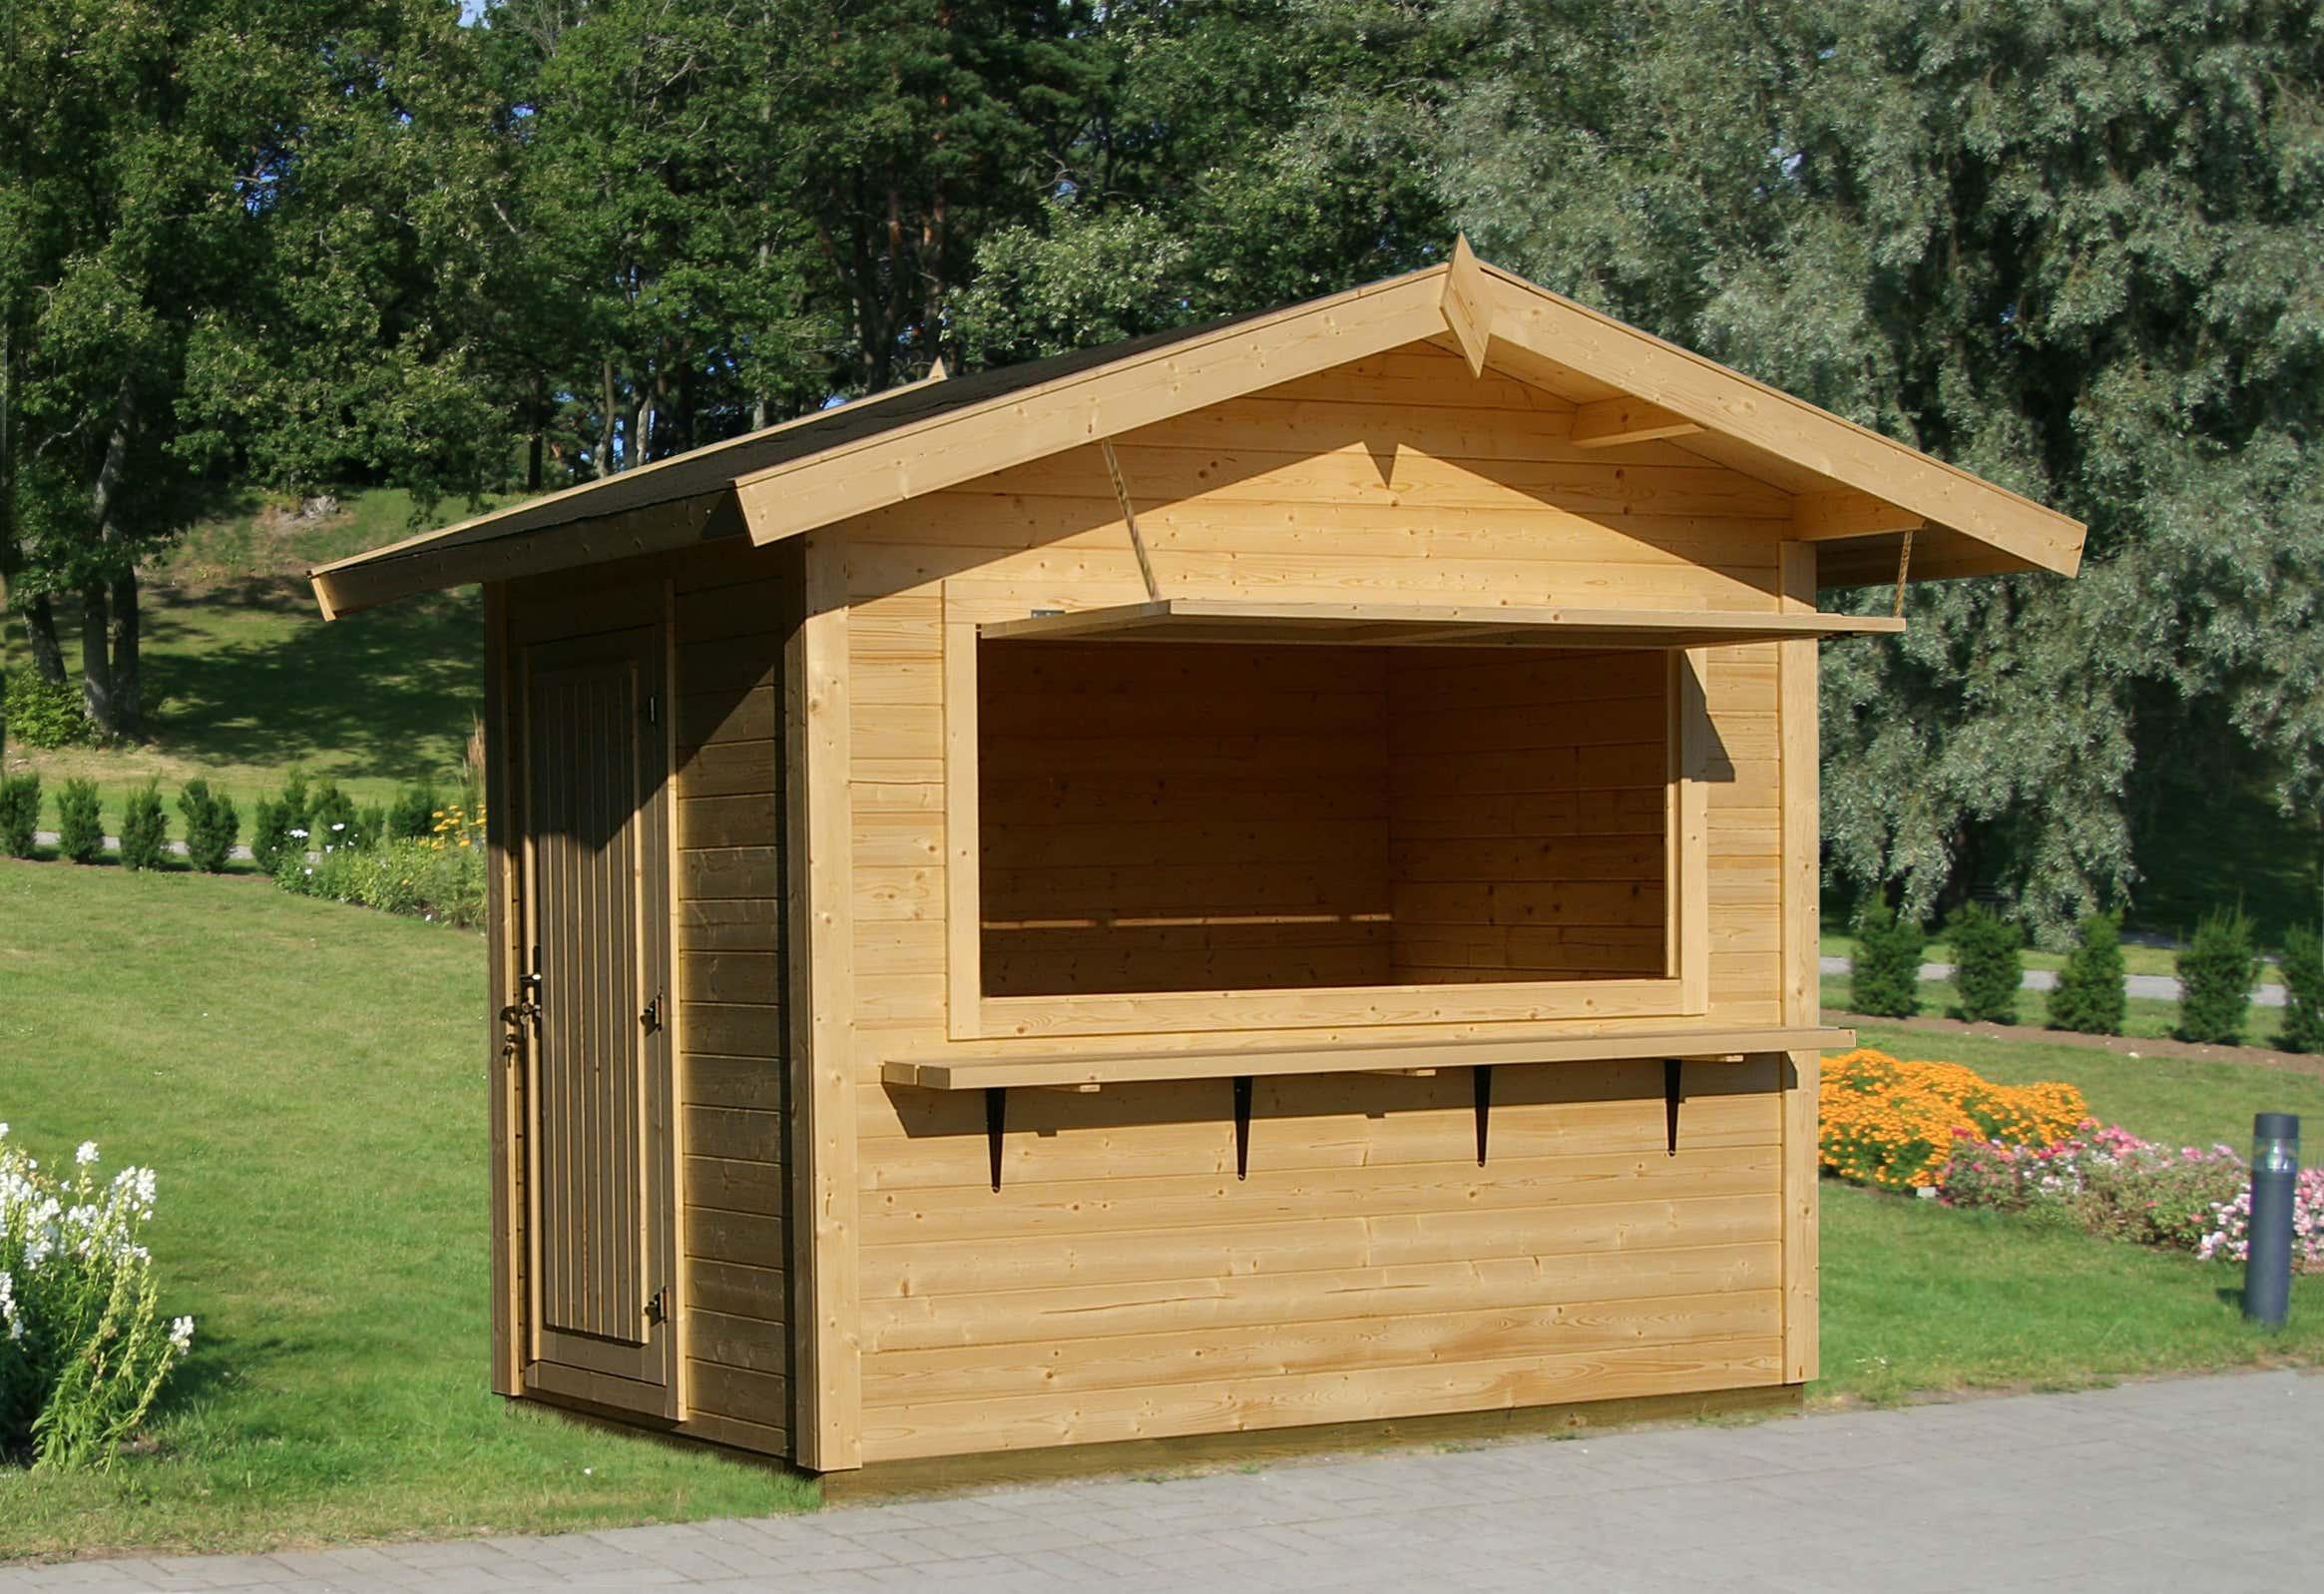 verkaufsstand aus holz kaufen marktst nde verkaufsh tten. Black Bedroom Furniture Sets. Home Design Ideas